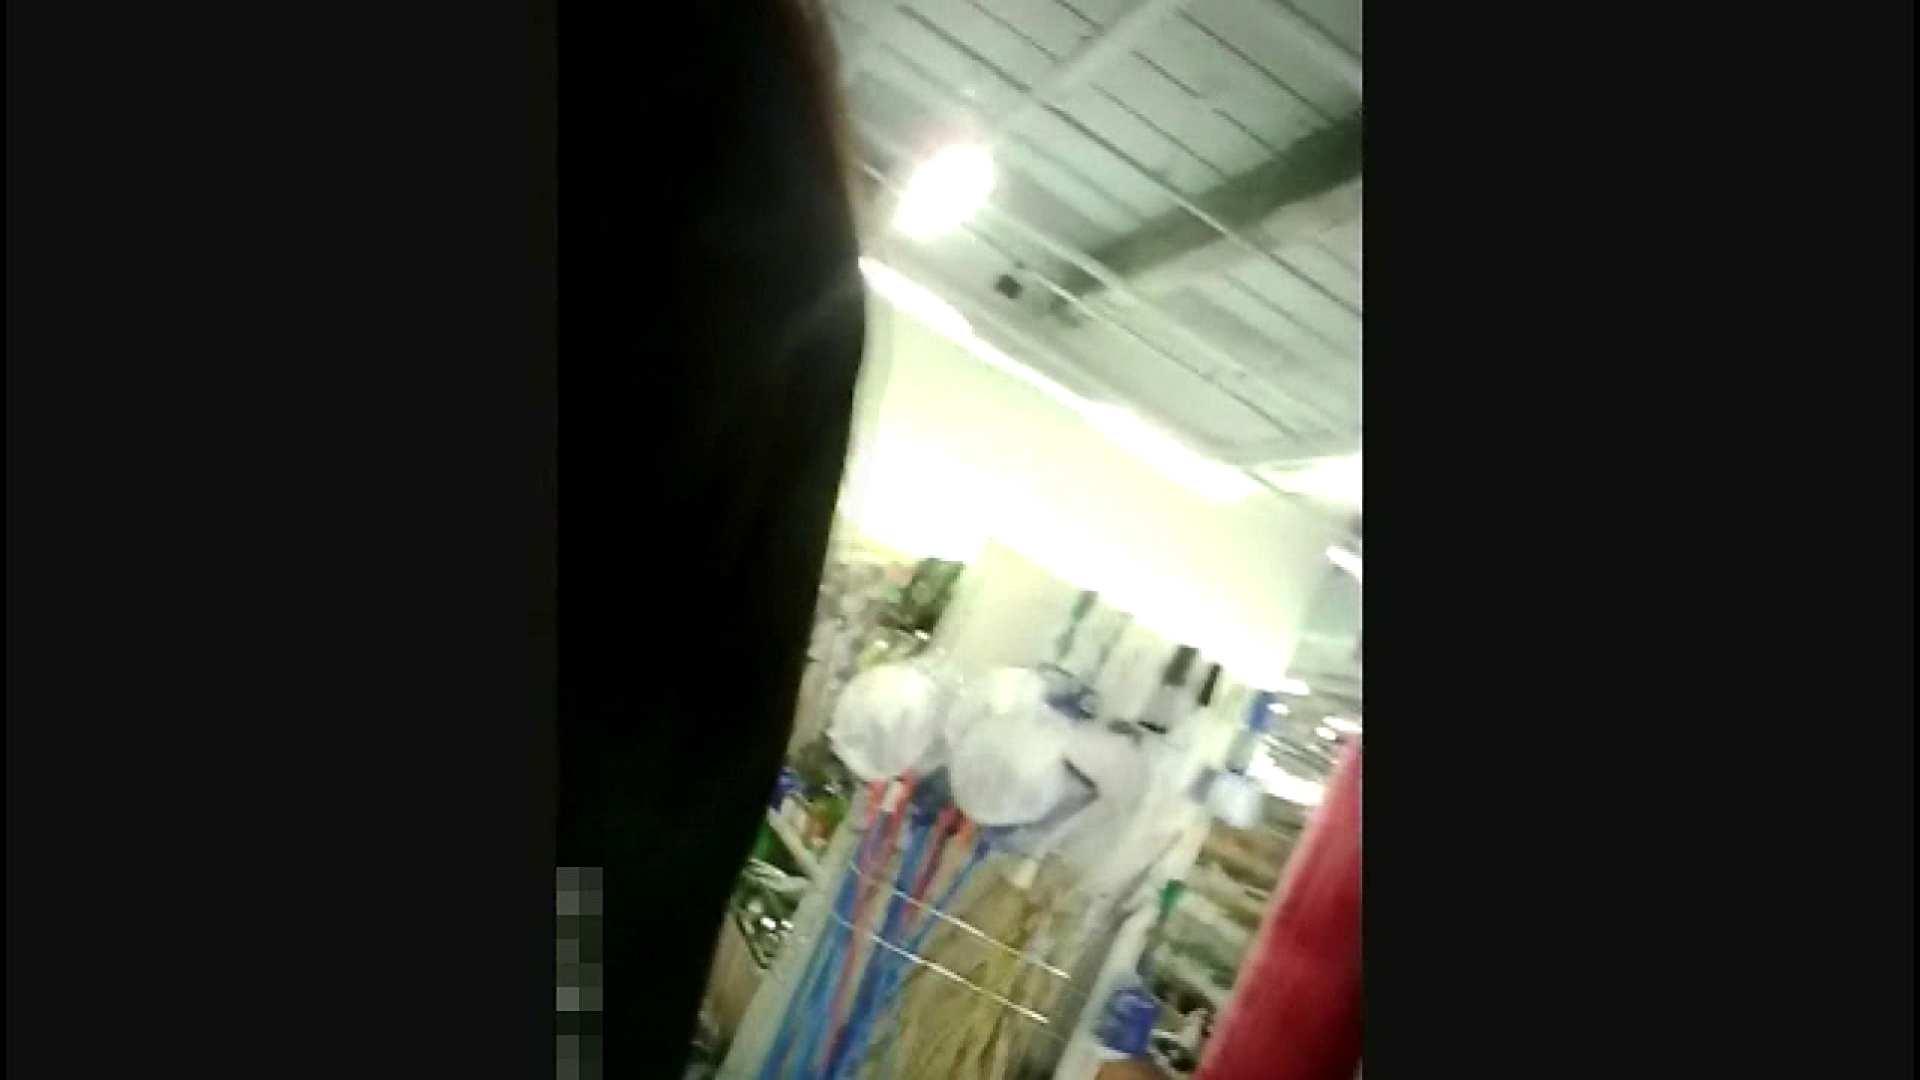 セックスアダルト動画|NO.4 開店直後の100円ショップにいたお女市さん|怪盗ジョーカー